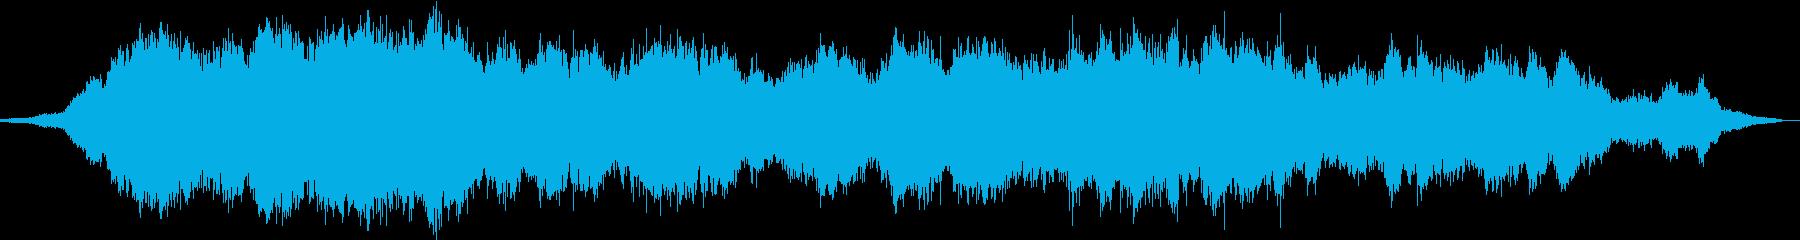 きれいなコードのアンビエントの再生済みの波形